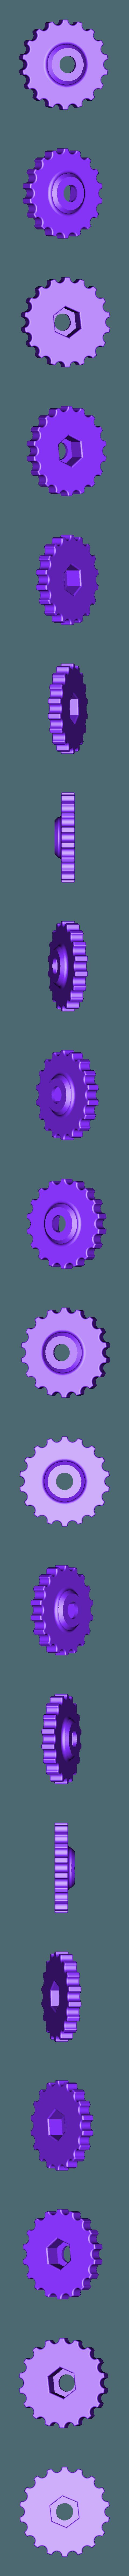 Nut.stl Télécharger fichier STL gratuit Film & Photo (mis à jour) • Design pour imprimante 3D, Cipper